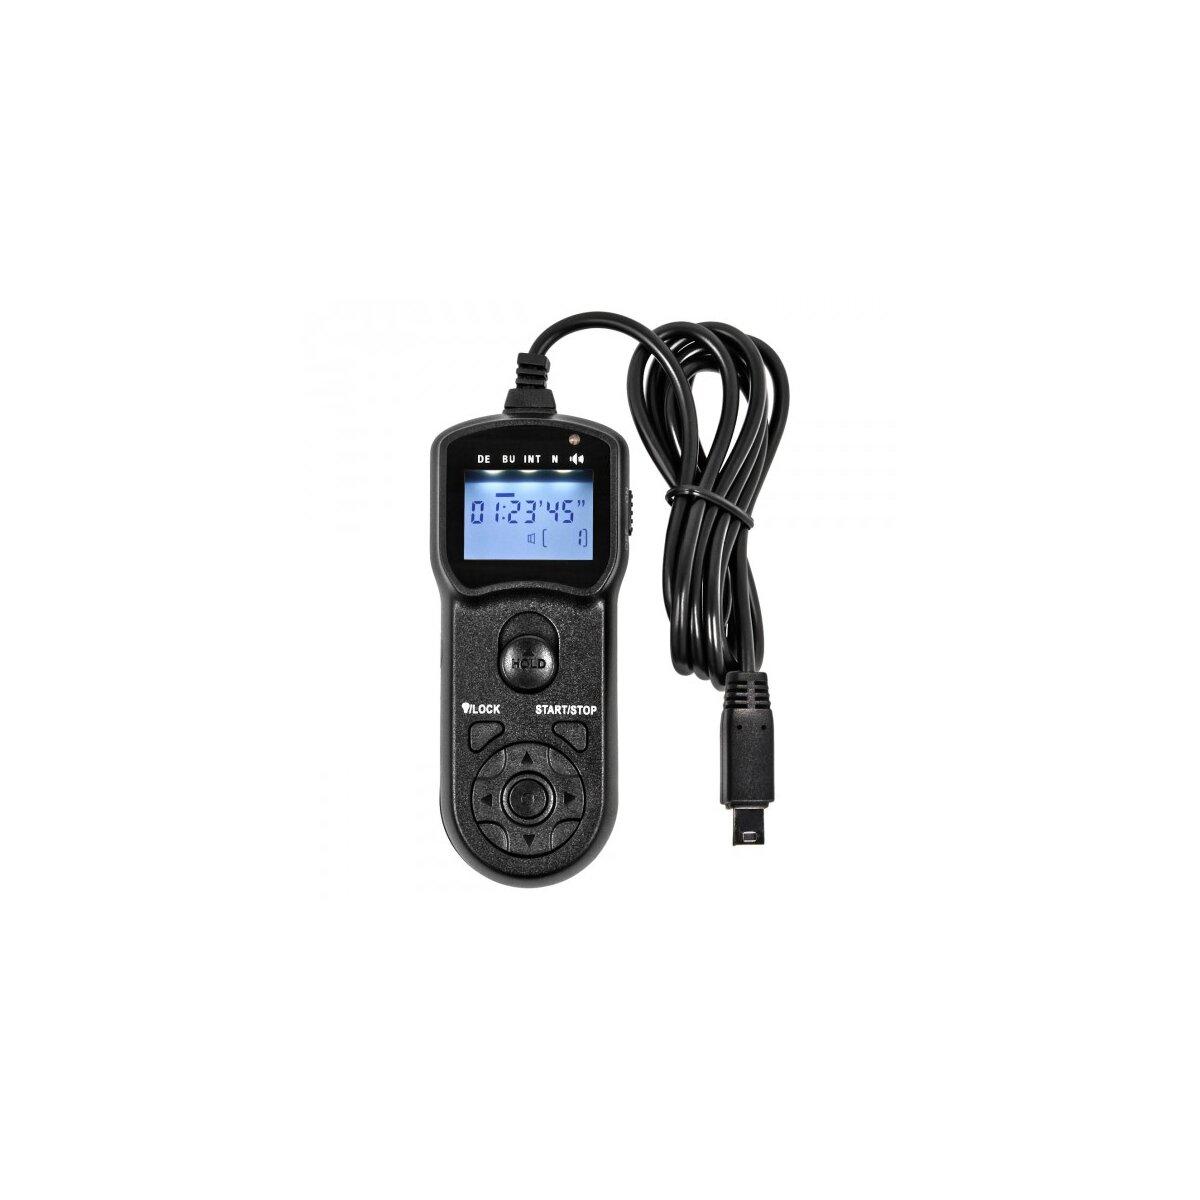 Programmierbarer Timer Fernauslöser kompatibel für Fujifilm Finepix X-S1 S9600 S9500 S9100 S9000 S205EXR S200EXR S100FS S20 Pro HS33EXR HS30EXR HS28EXR HS25EXR HS22EXR HS20EXR IS-1 - Ersatz für RR-80